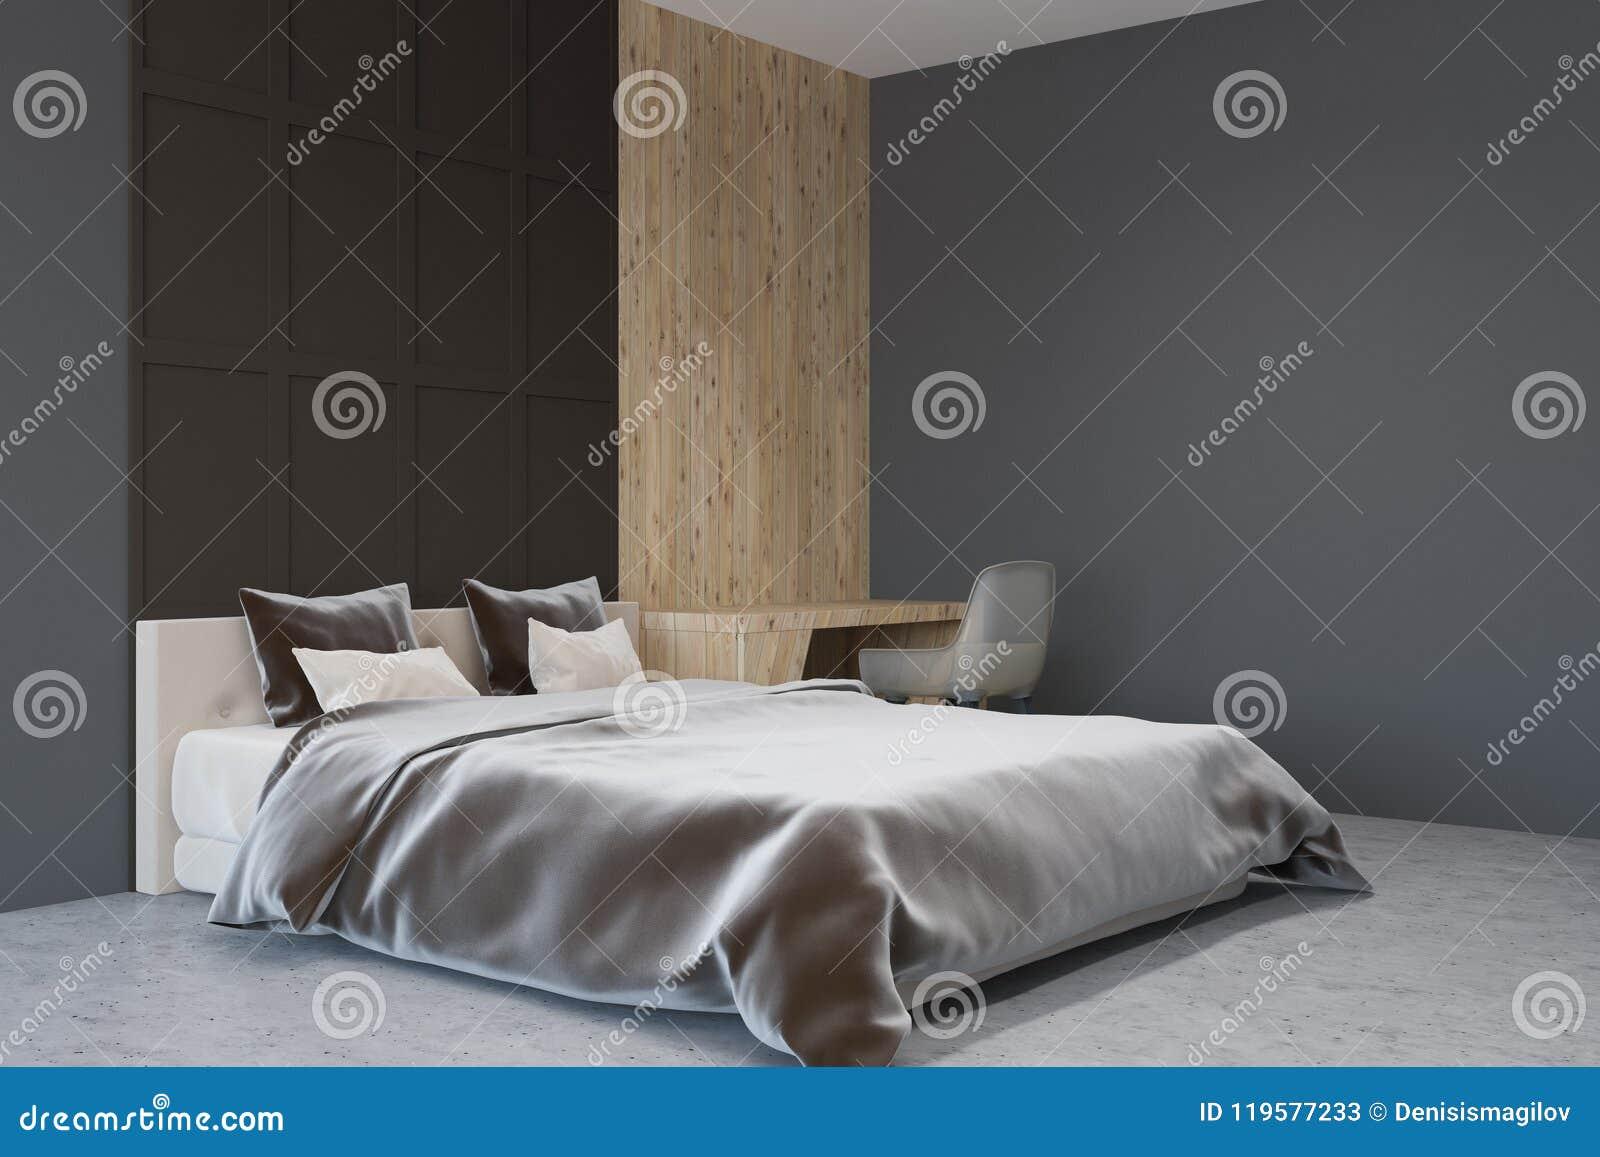 Angolo Del Letto : Angolo grigio scuro della camera da letto di stile di scandi